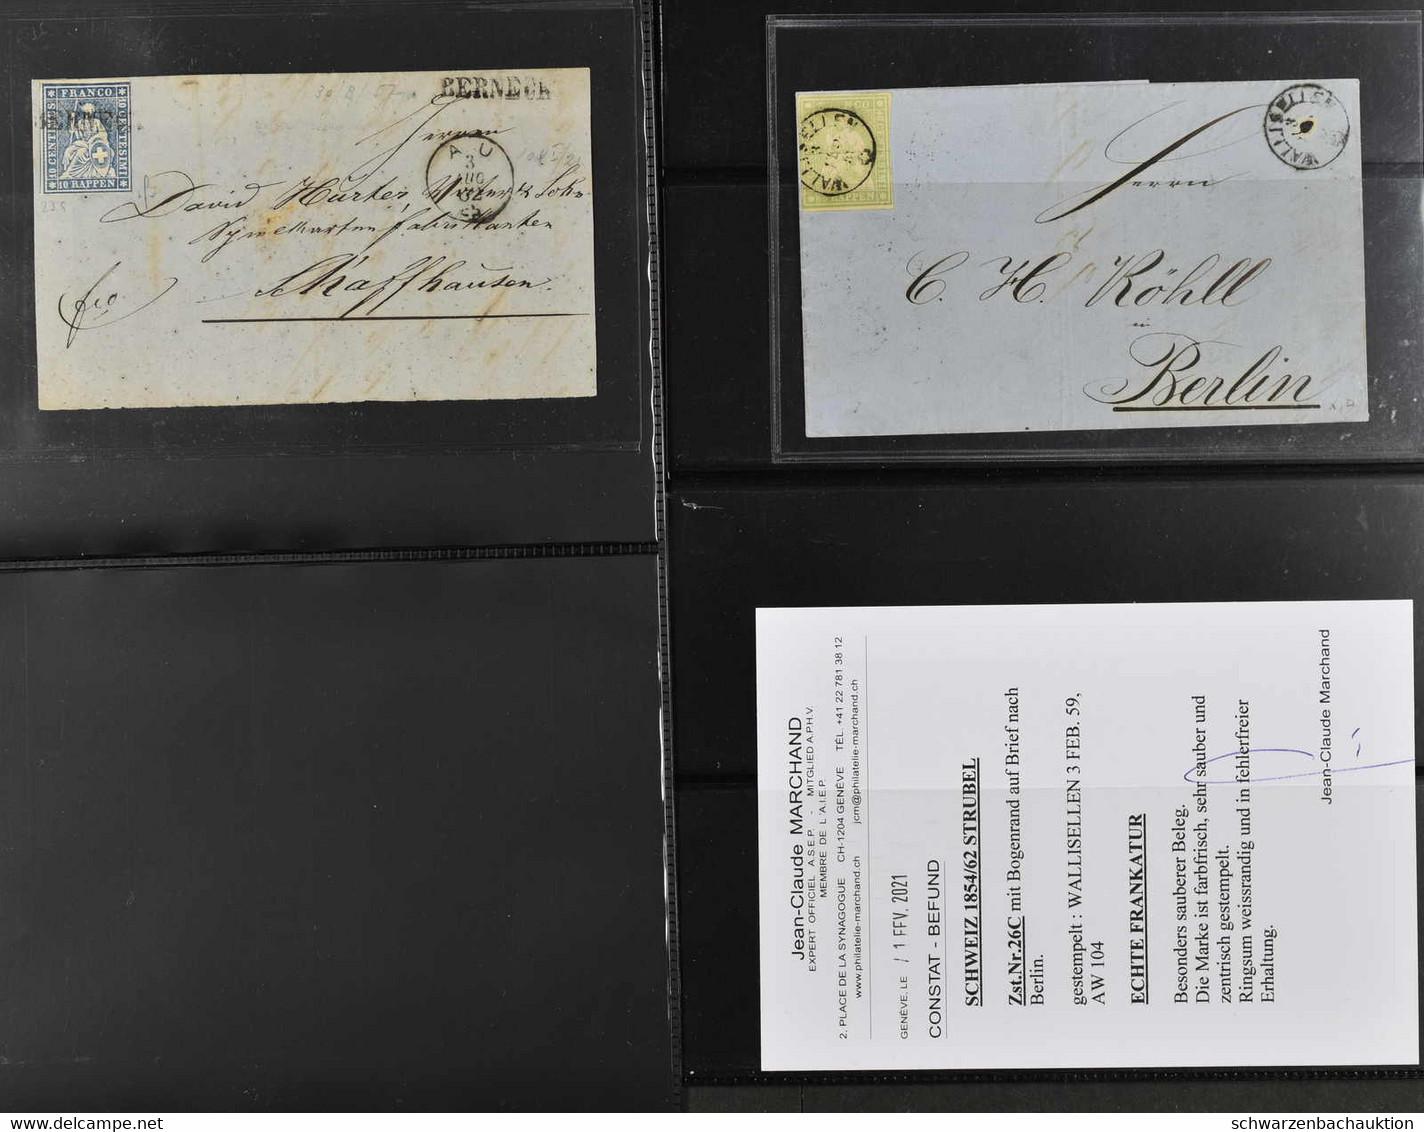 Sauberer Posten 42 Strubelbriefe Der Ausgaben A-G Meist Gut Erhalten, Dabei 26Aa Einzelfrankatur Auf Vorderseite Von Ber - Covers & Documents